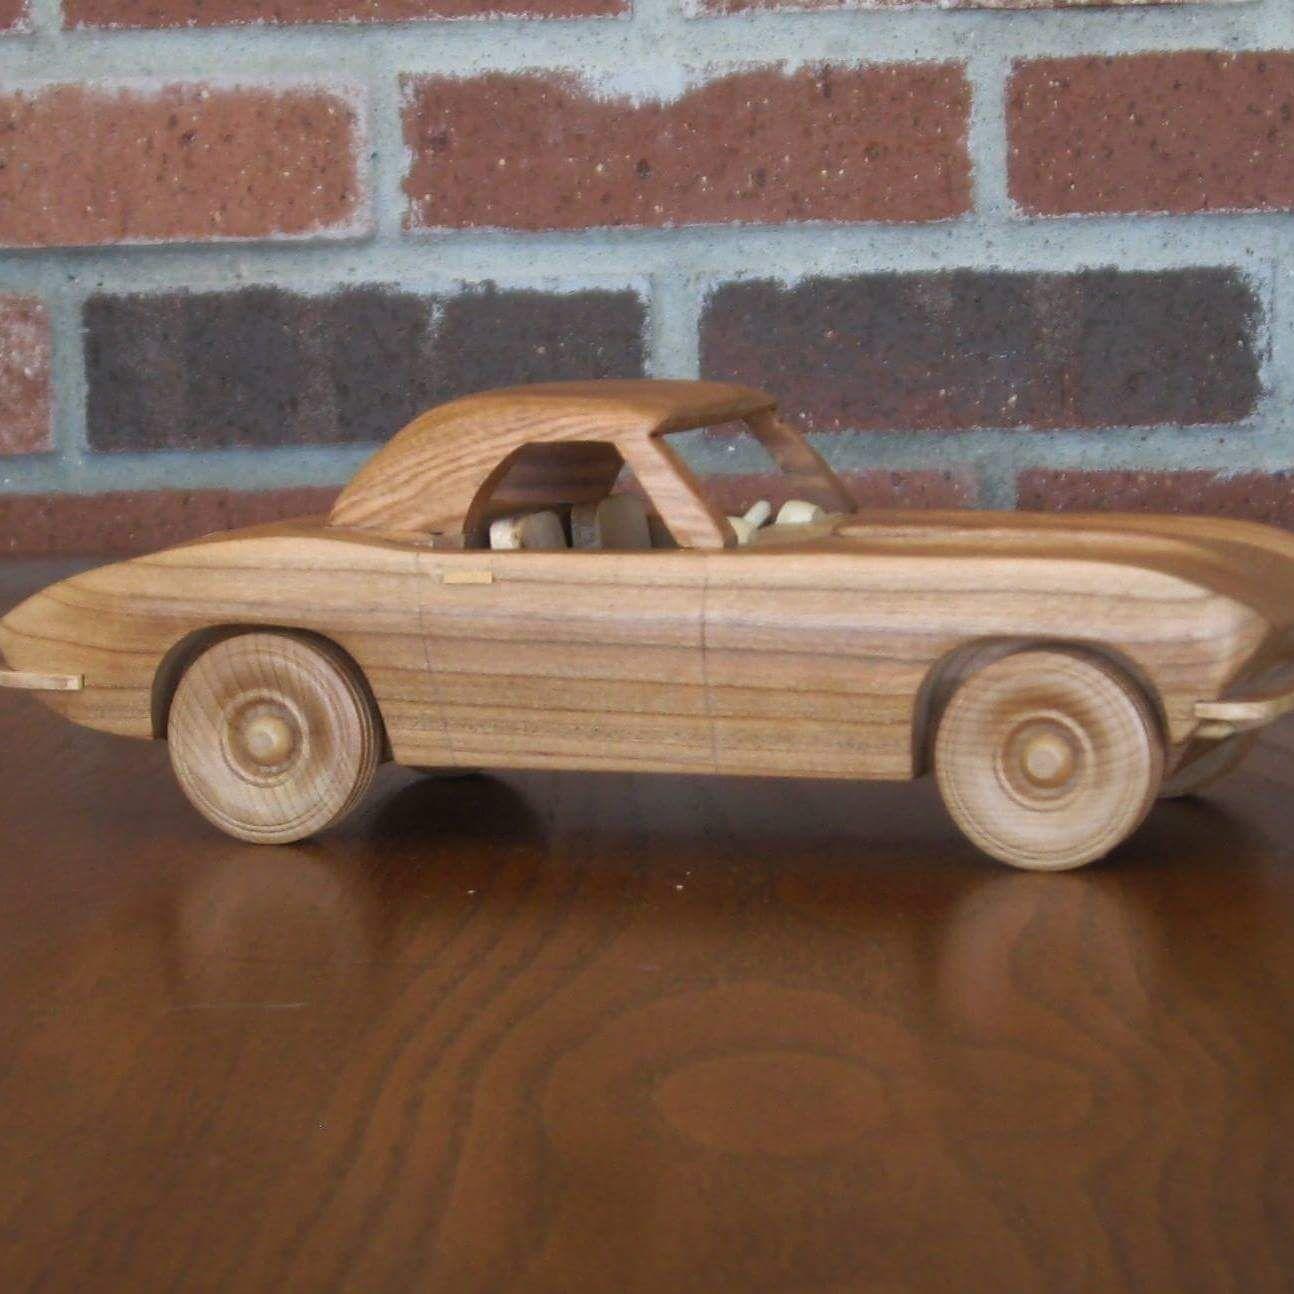 Pin de Fernando Elero en juguetes madera | Pinterest | Juguetes ...